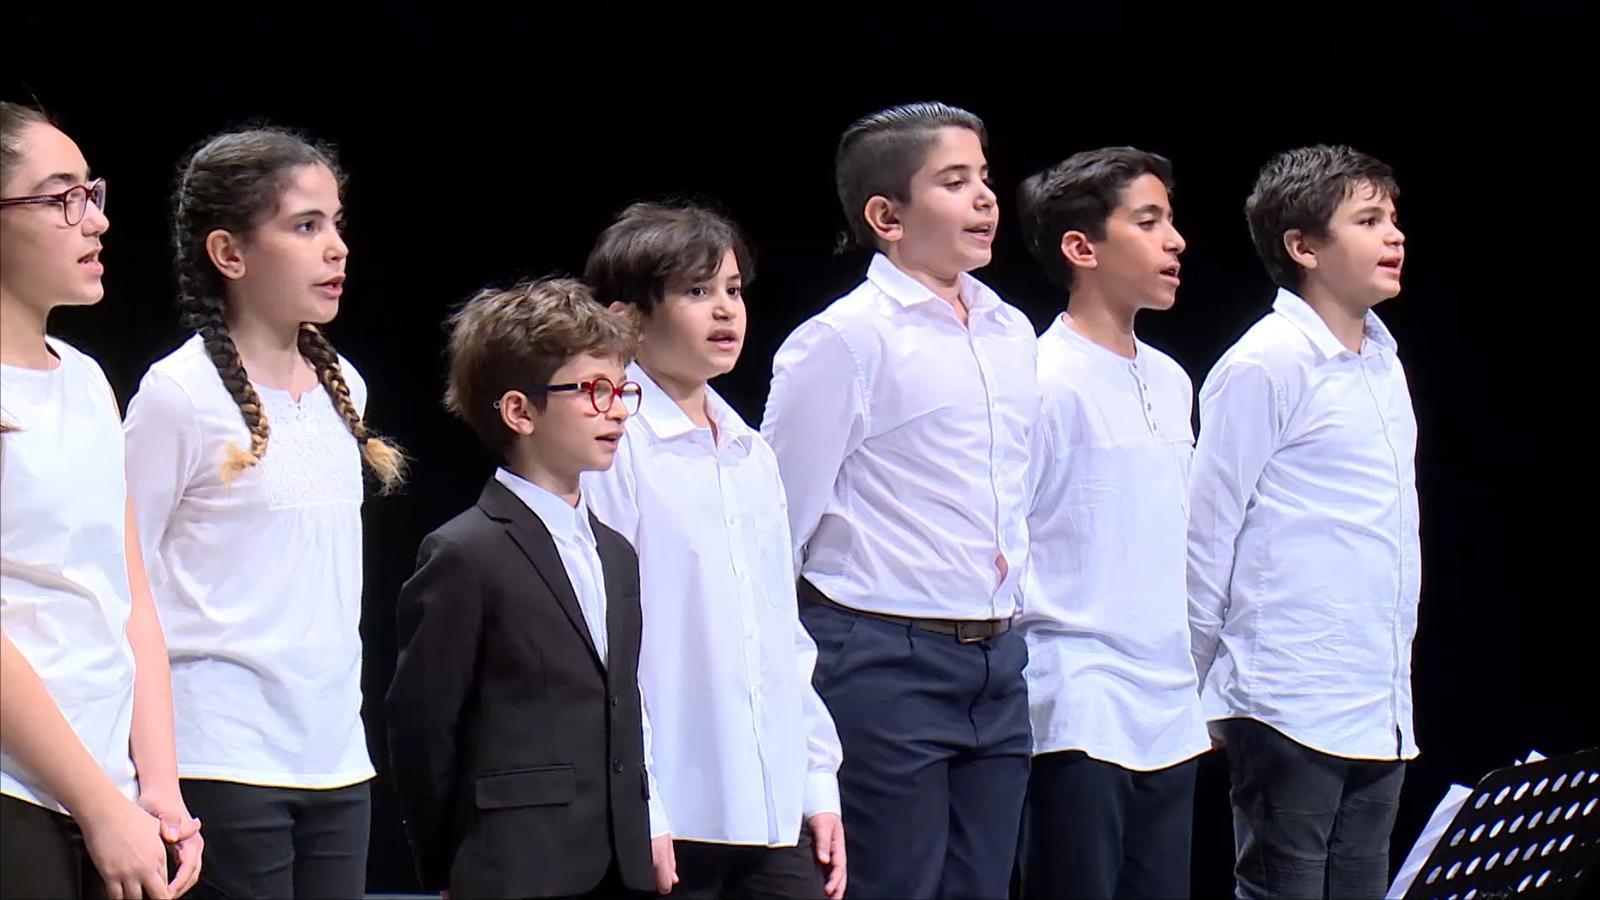 هذا الصباح- انطلاق مسابقة قطر الوطنية للموسيقى